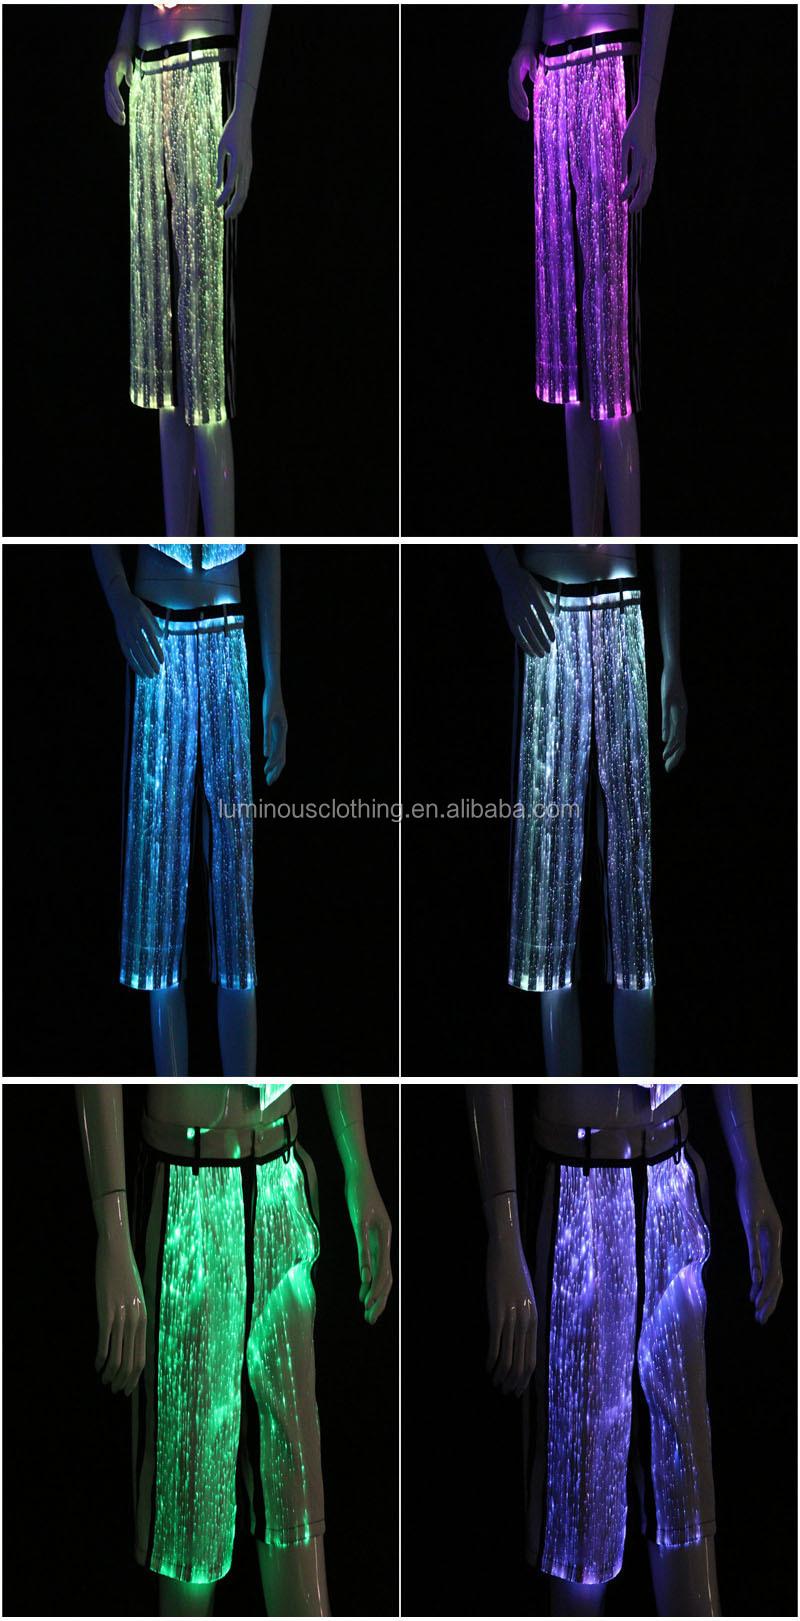 disco pants for men led light up clothes stage wear led man shorts pants buy disco pants stage. Black Bedroom Furniture Sets. Home Design Ideas